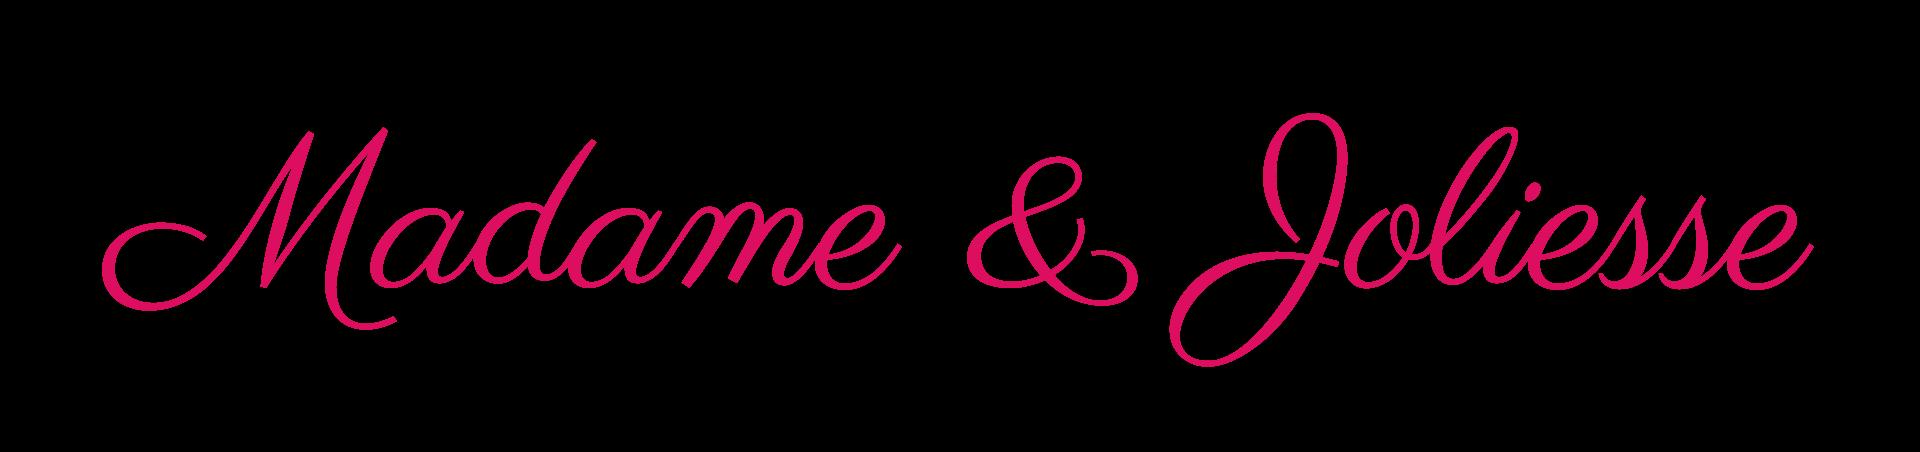 Madame & Joliesse Studio Urody - Gabinet Kosmetyczny - Kosmetyczka - Koszalin